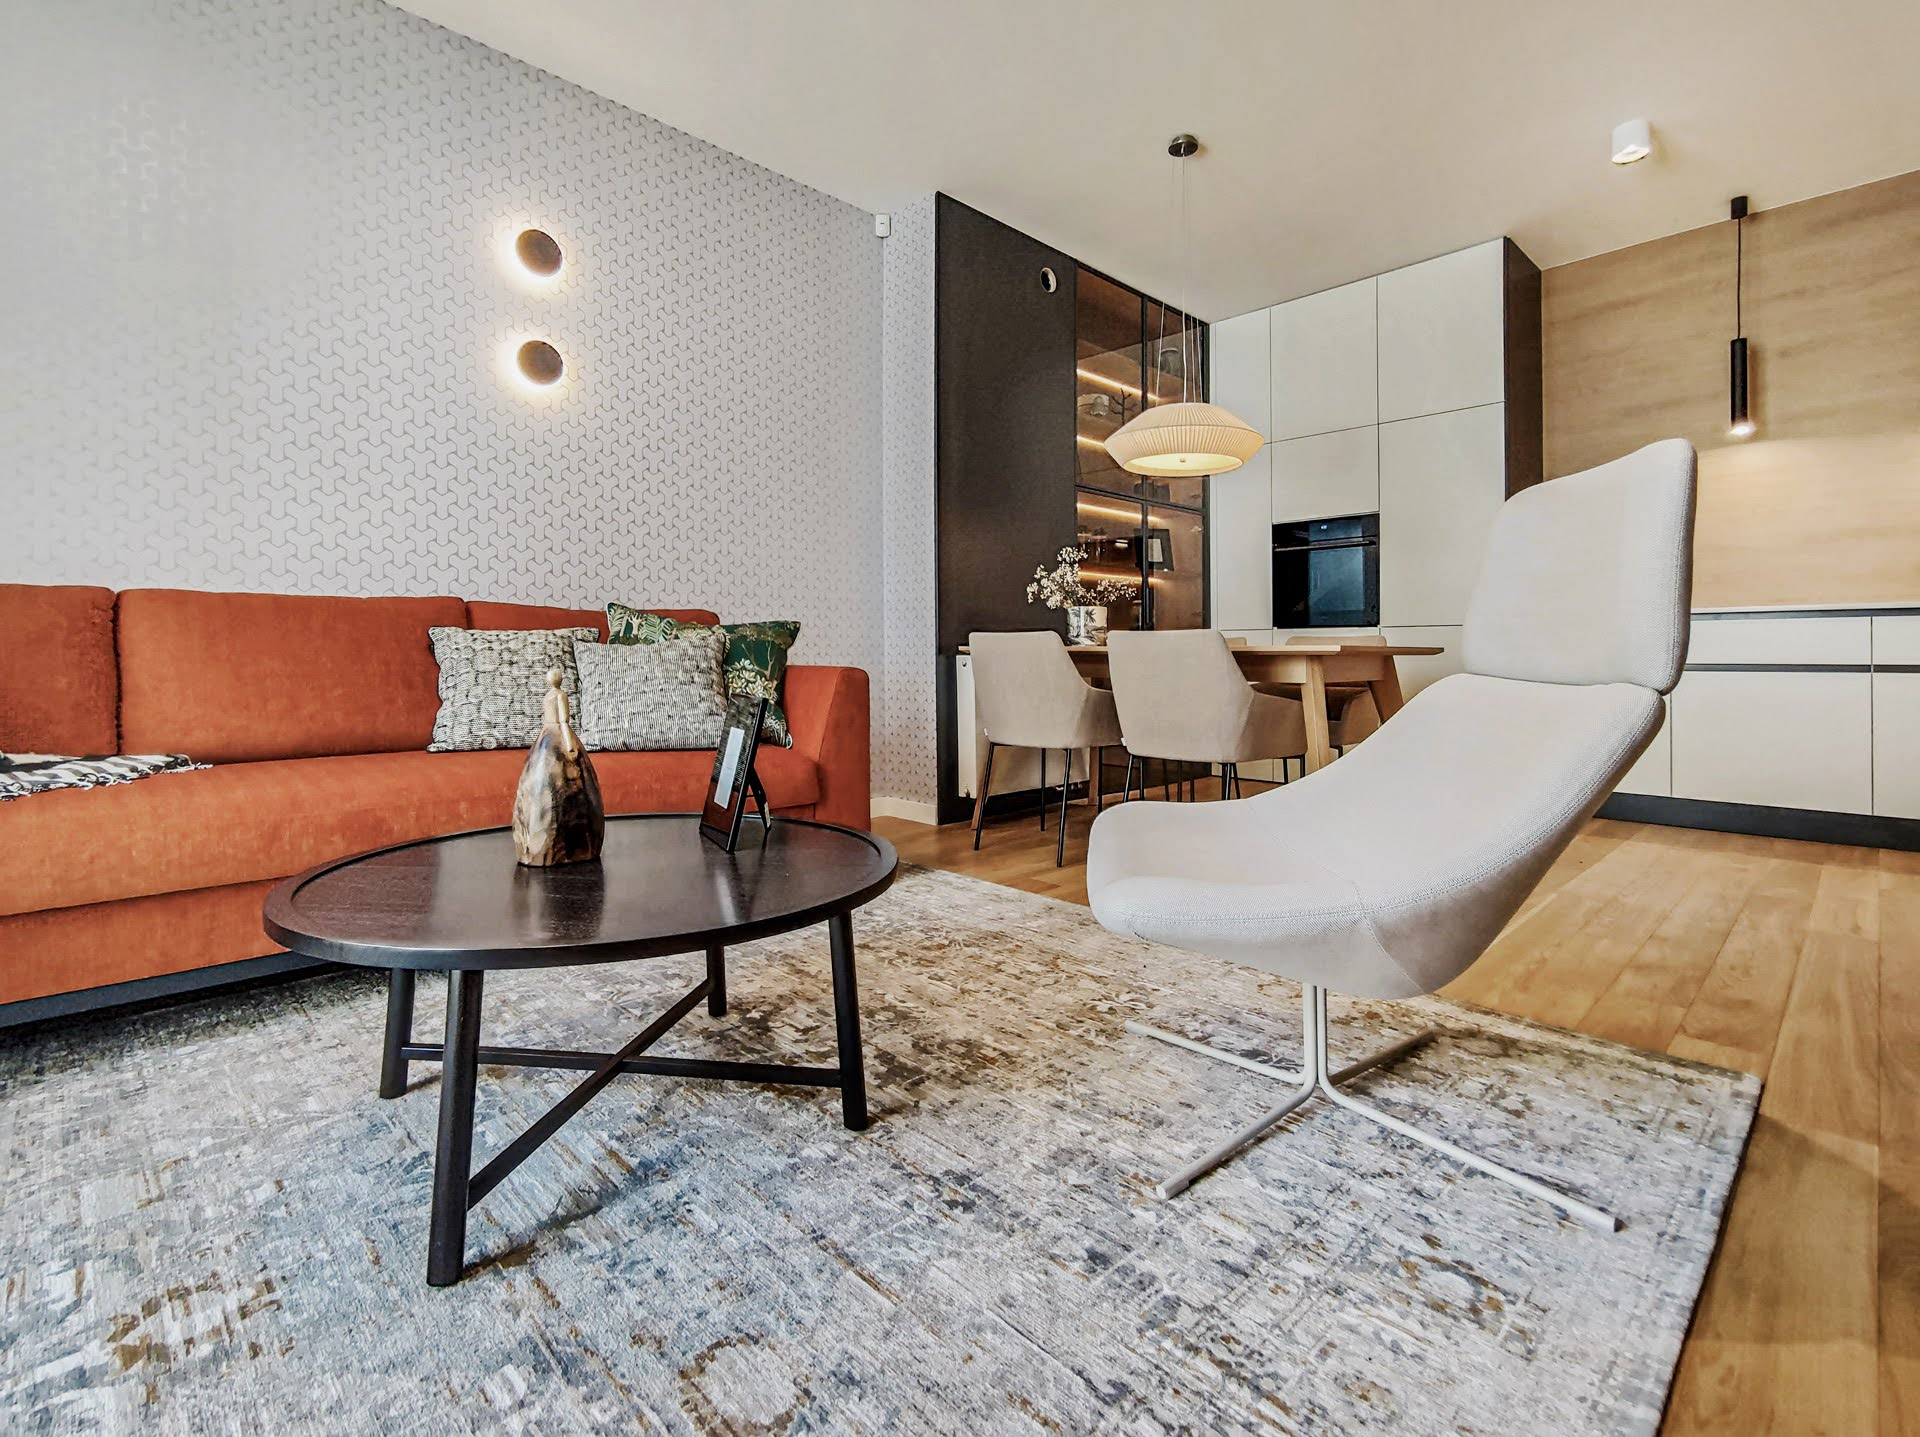 Apartament przy plaży - ORŁOWSKA RIWIERA